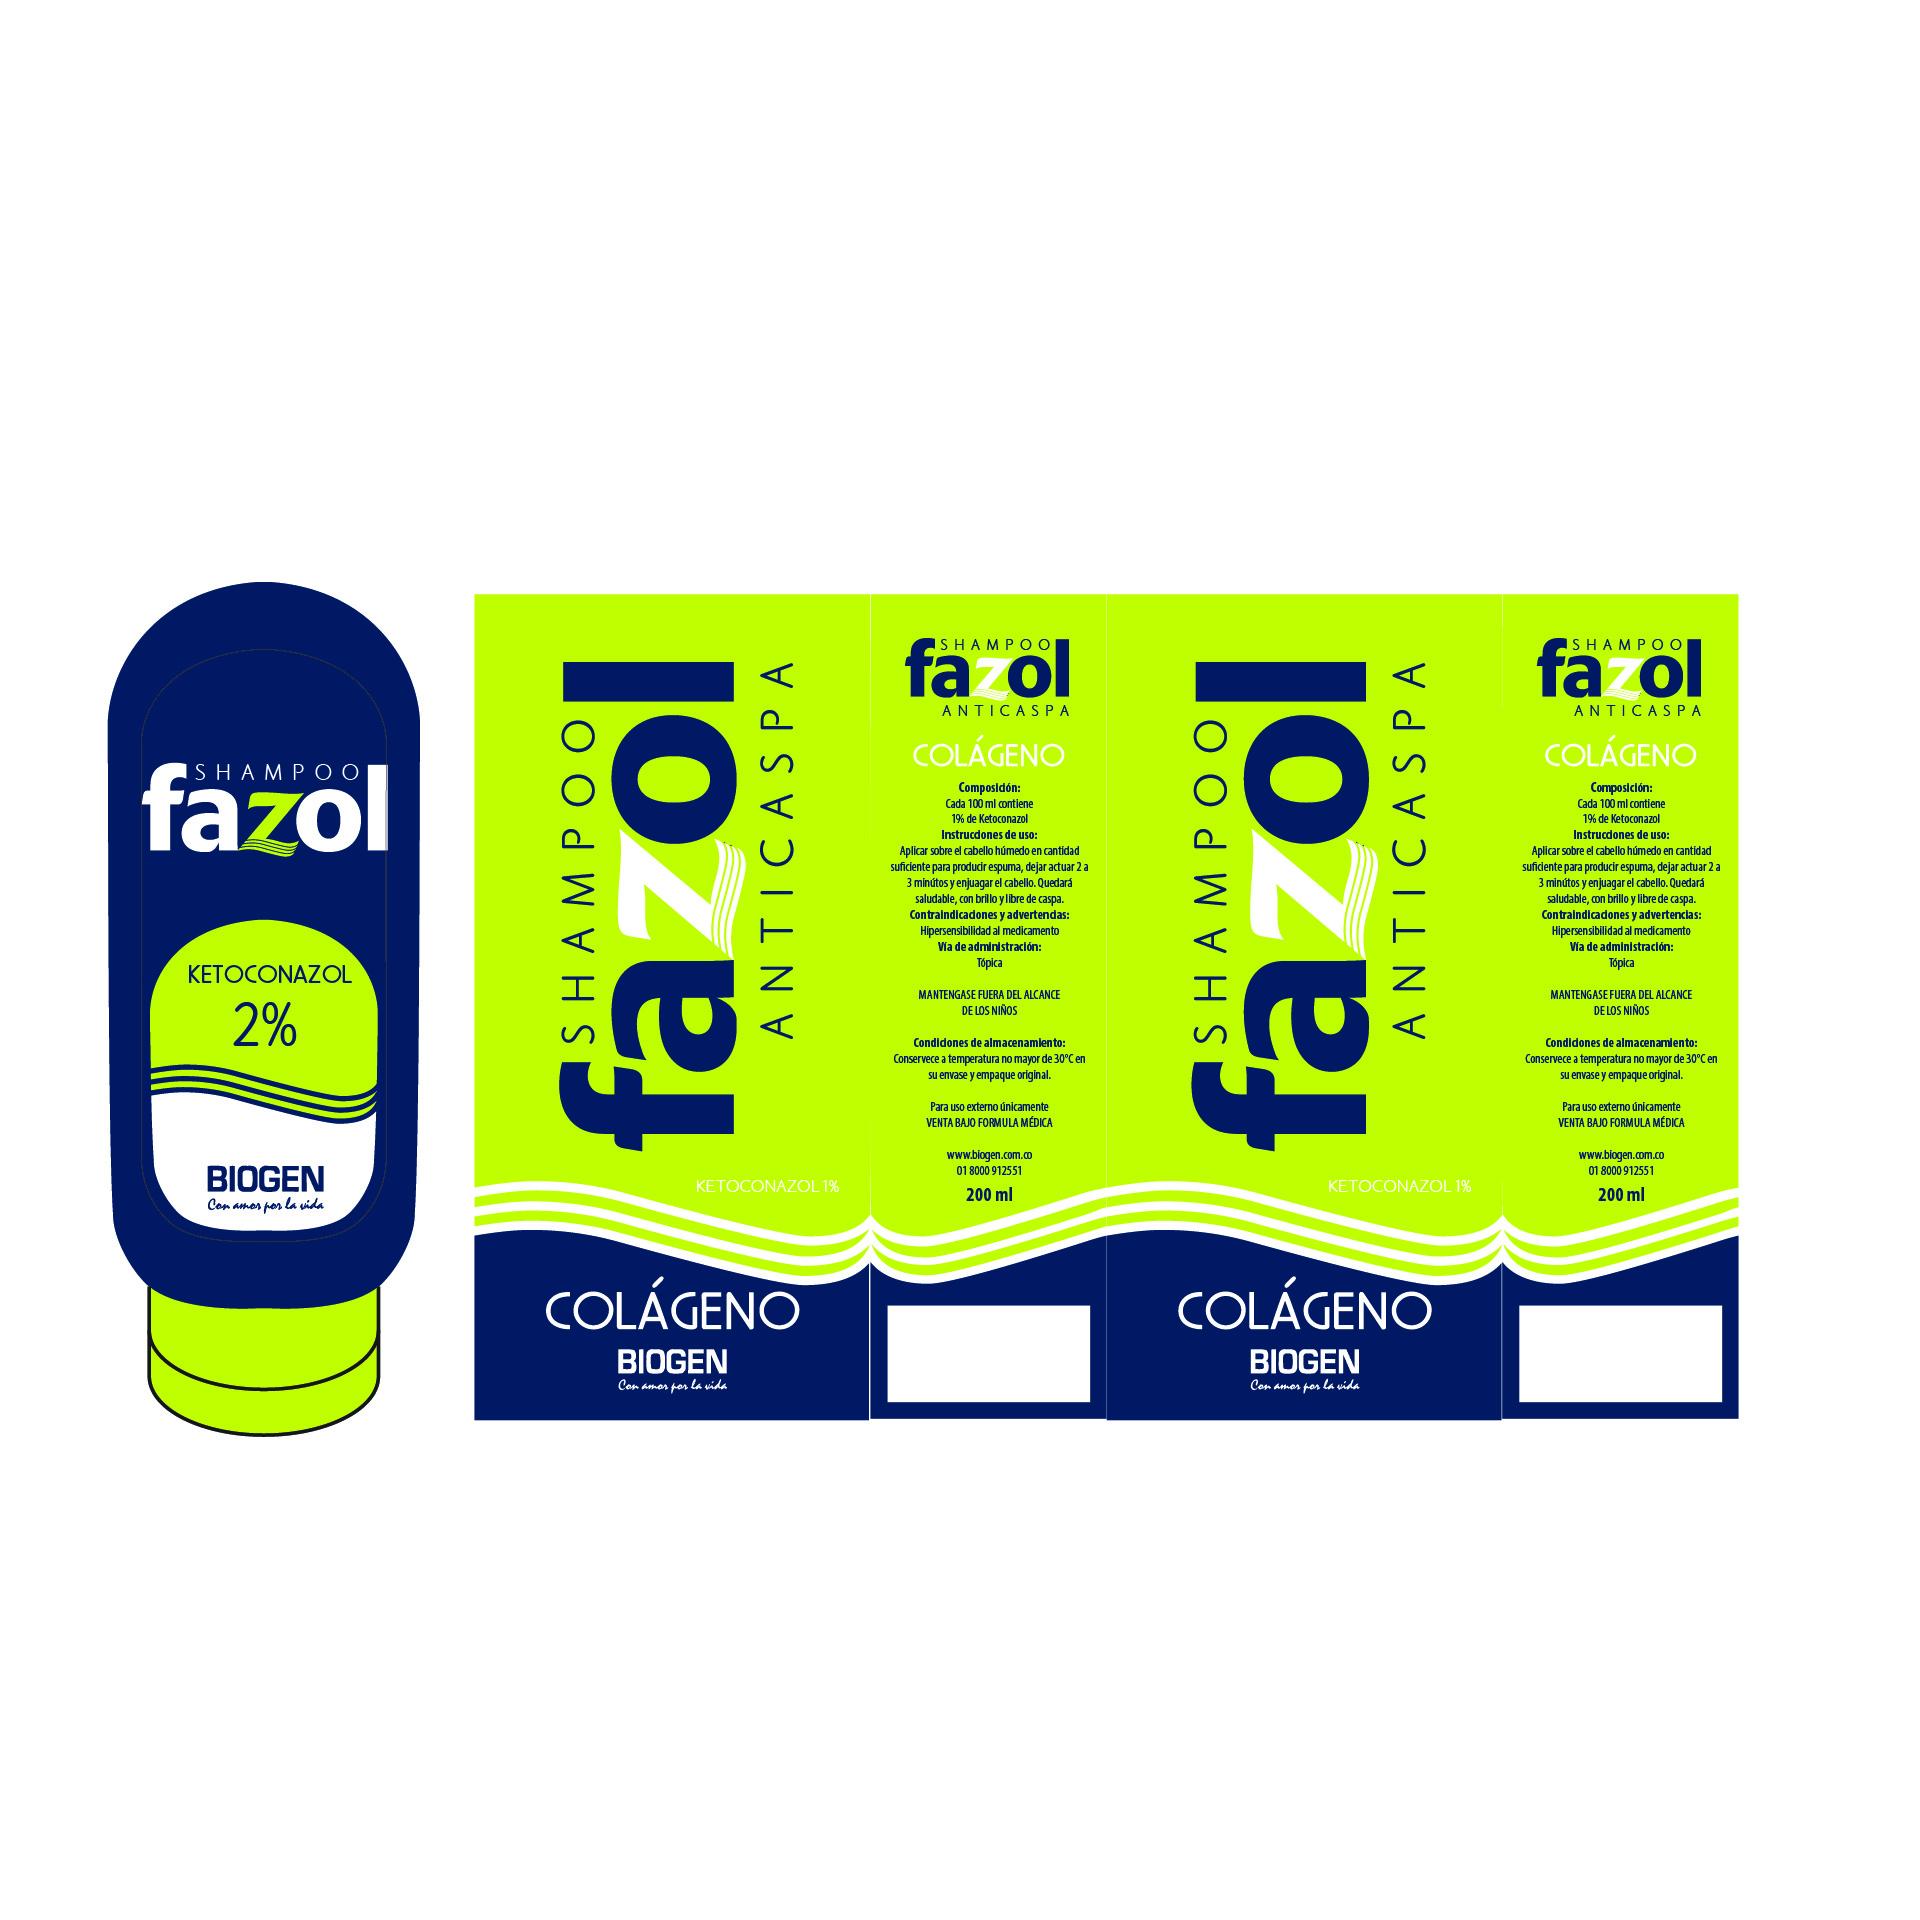 Diseño de Identidad Visual y Logotipo para la marca de Shampoo Anticaspa Fazol